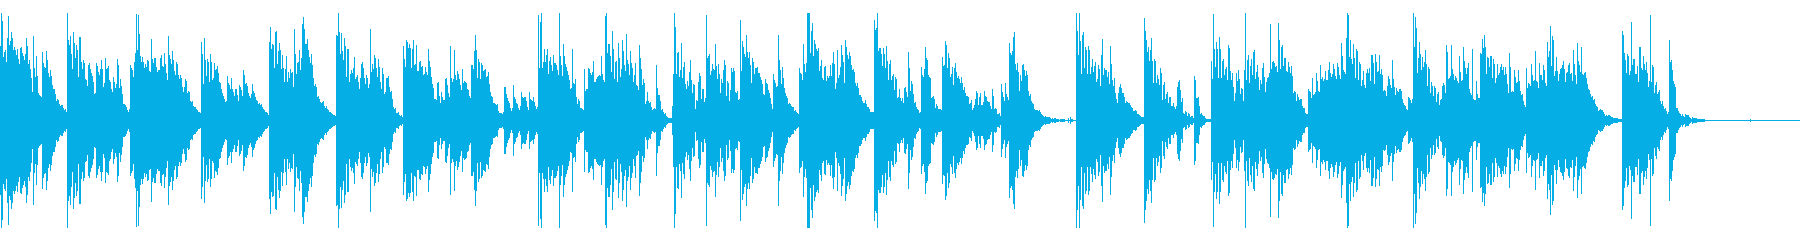 眠りにつき夢の中にいる様な優しい楽曲の再生済みの波形